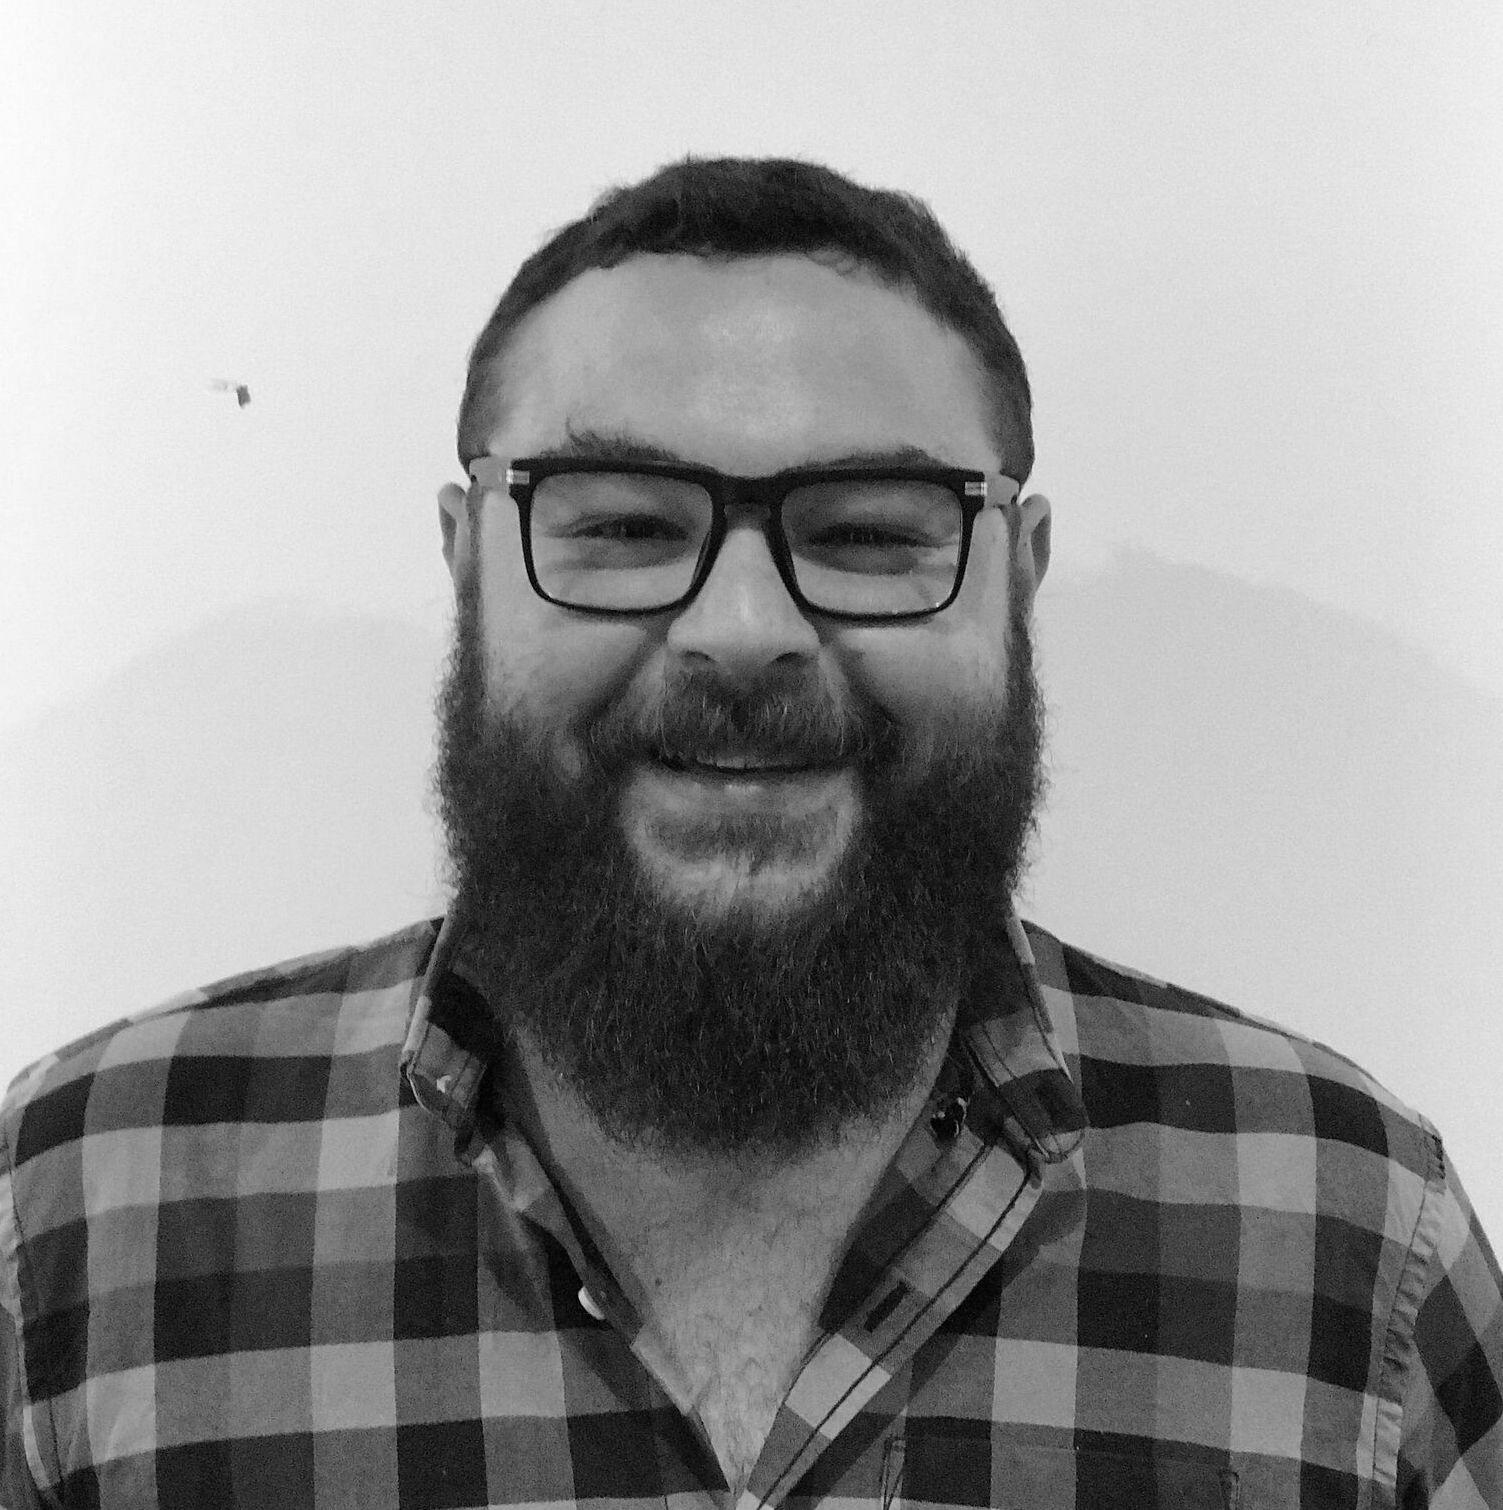 Ezequiel Delpero, Software Engineer